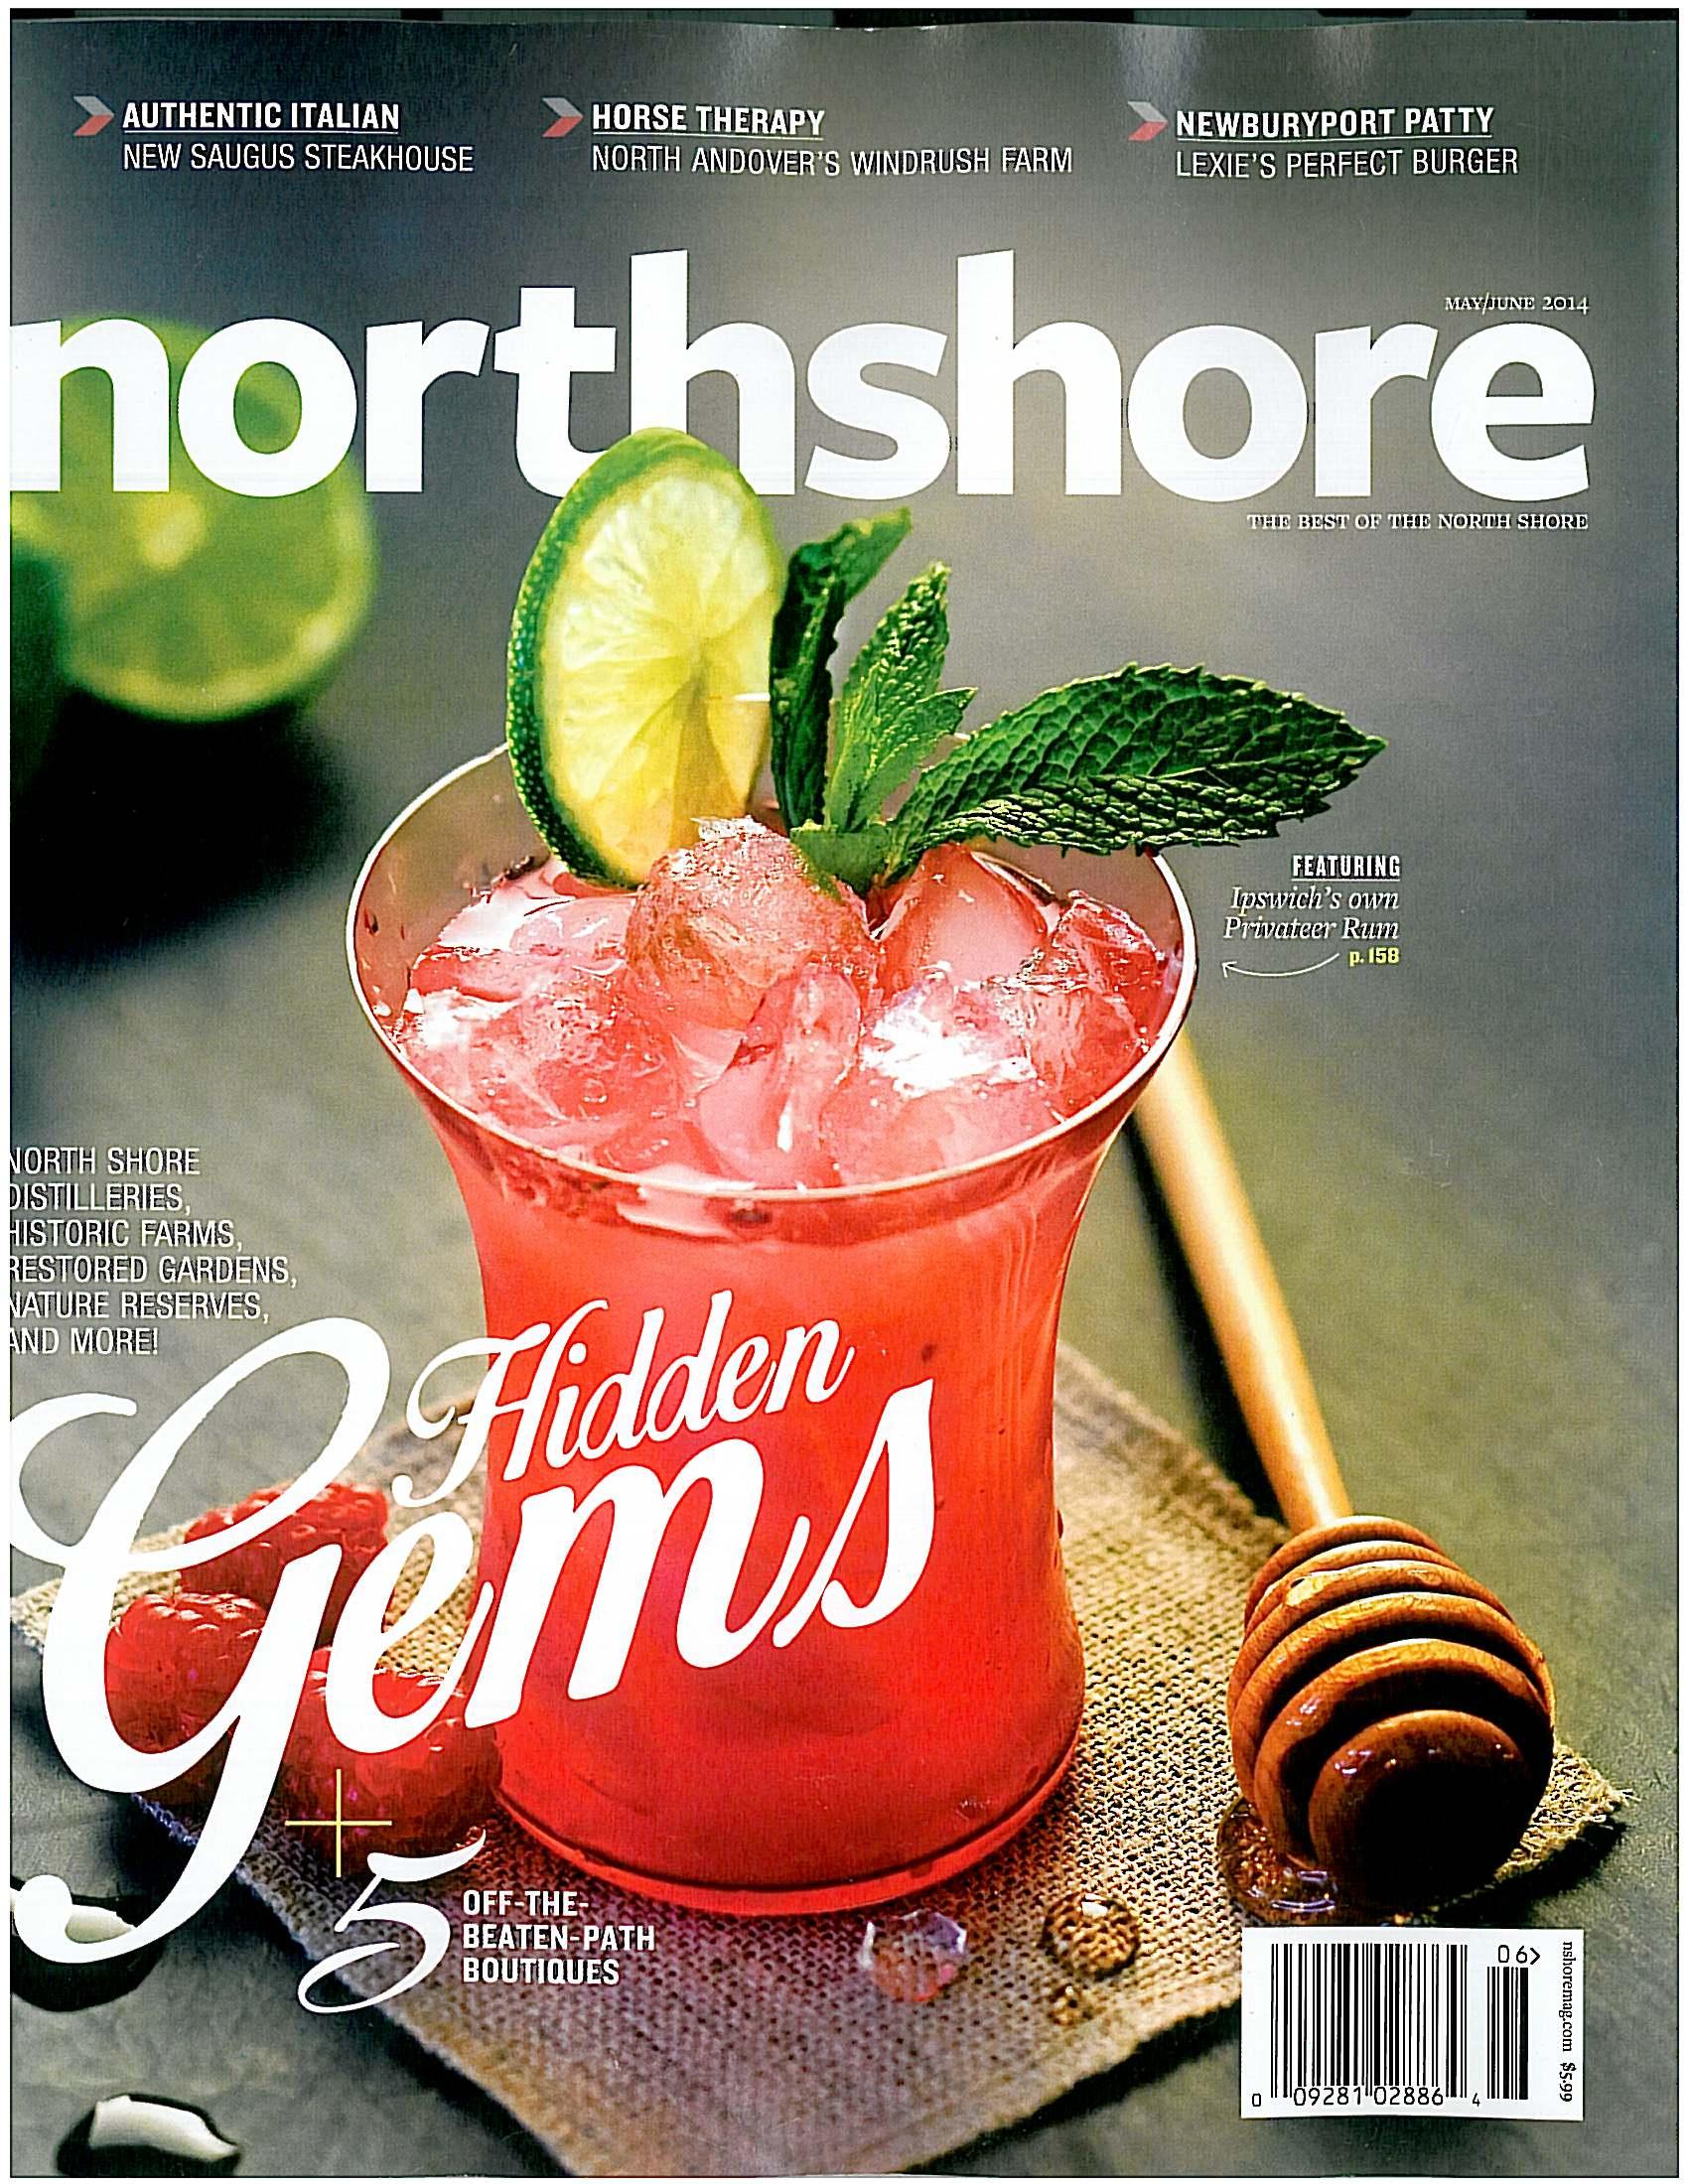 Windrush Farm in Northshore Magazine 2014